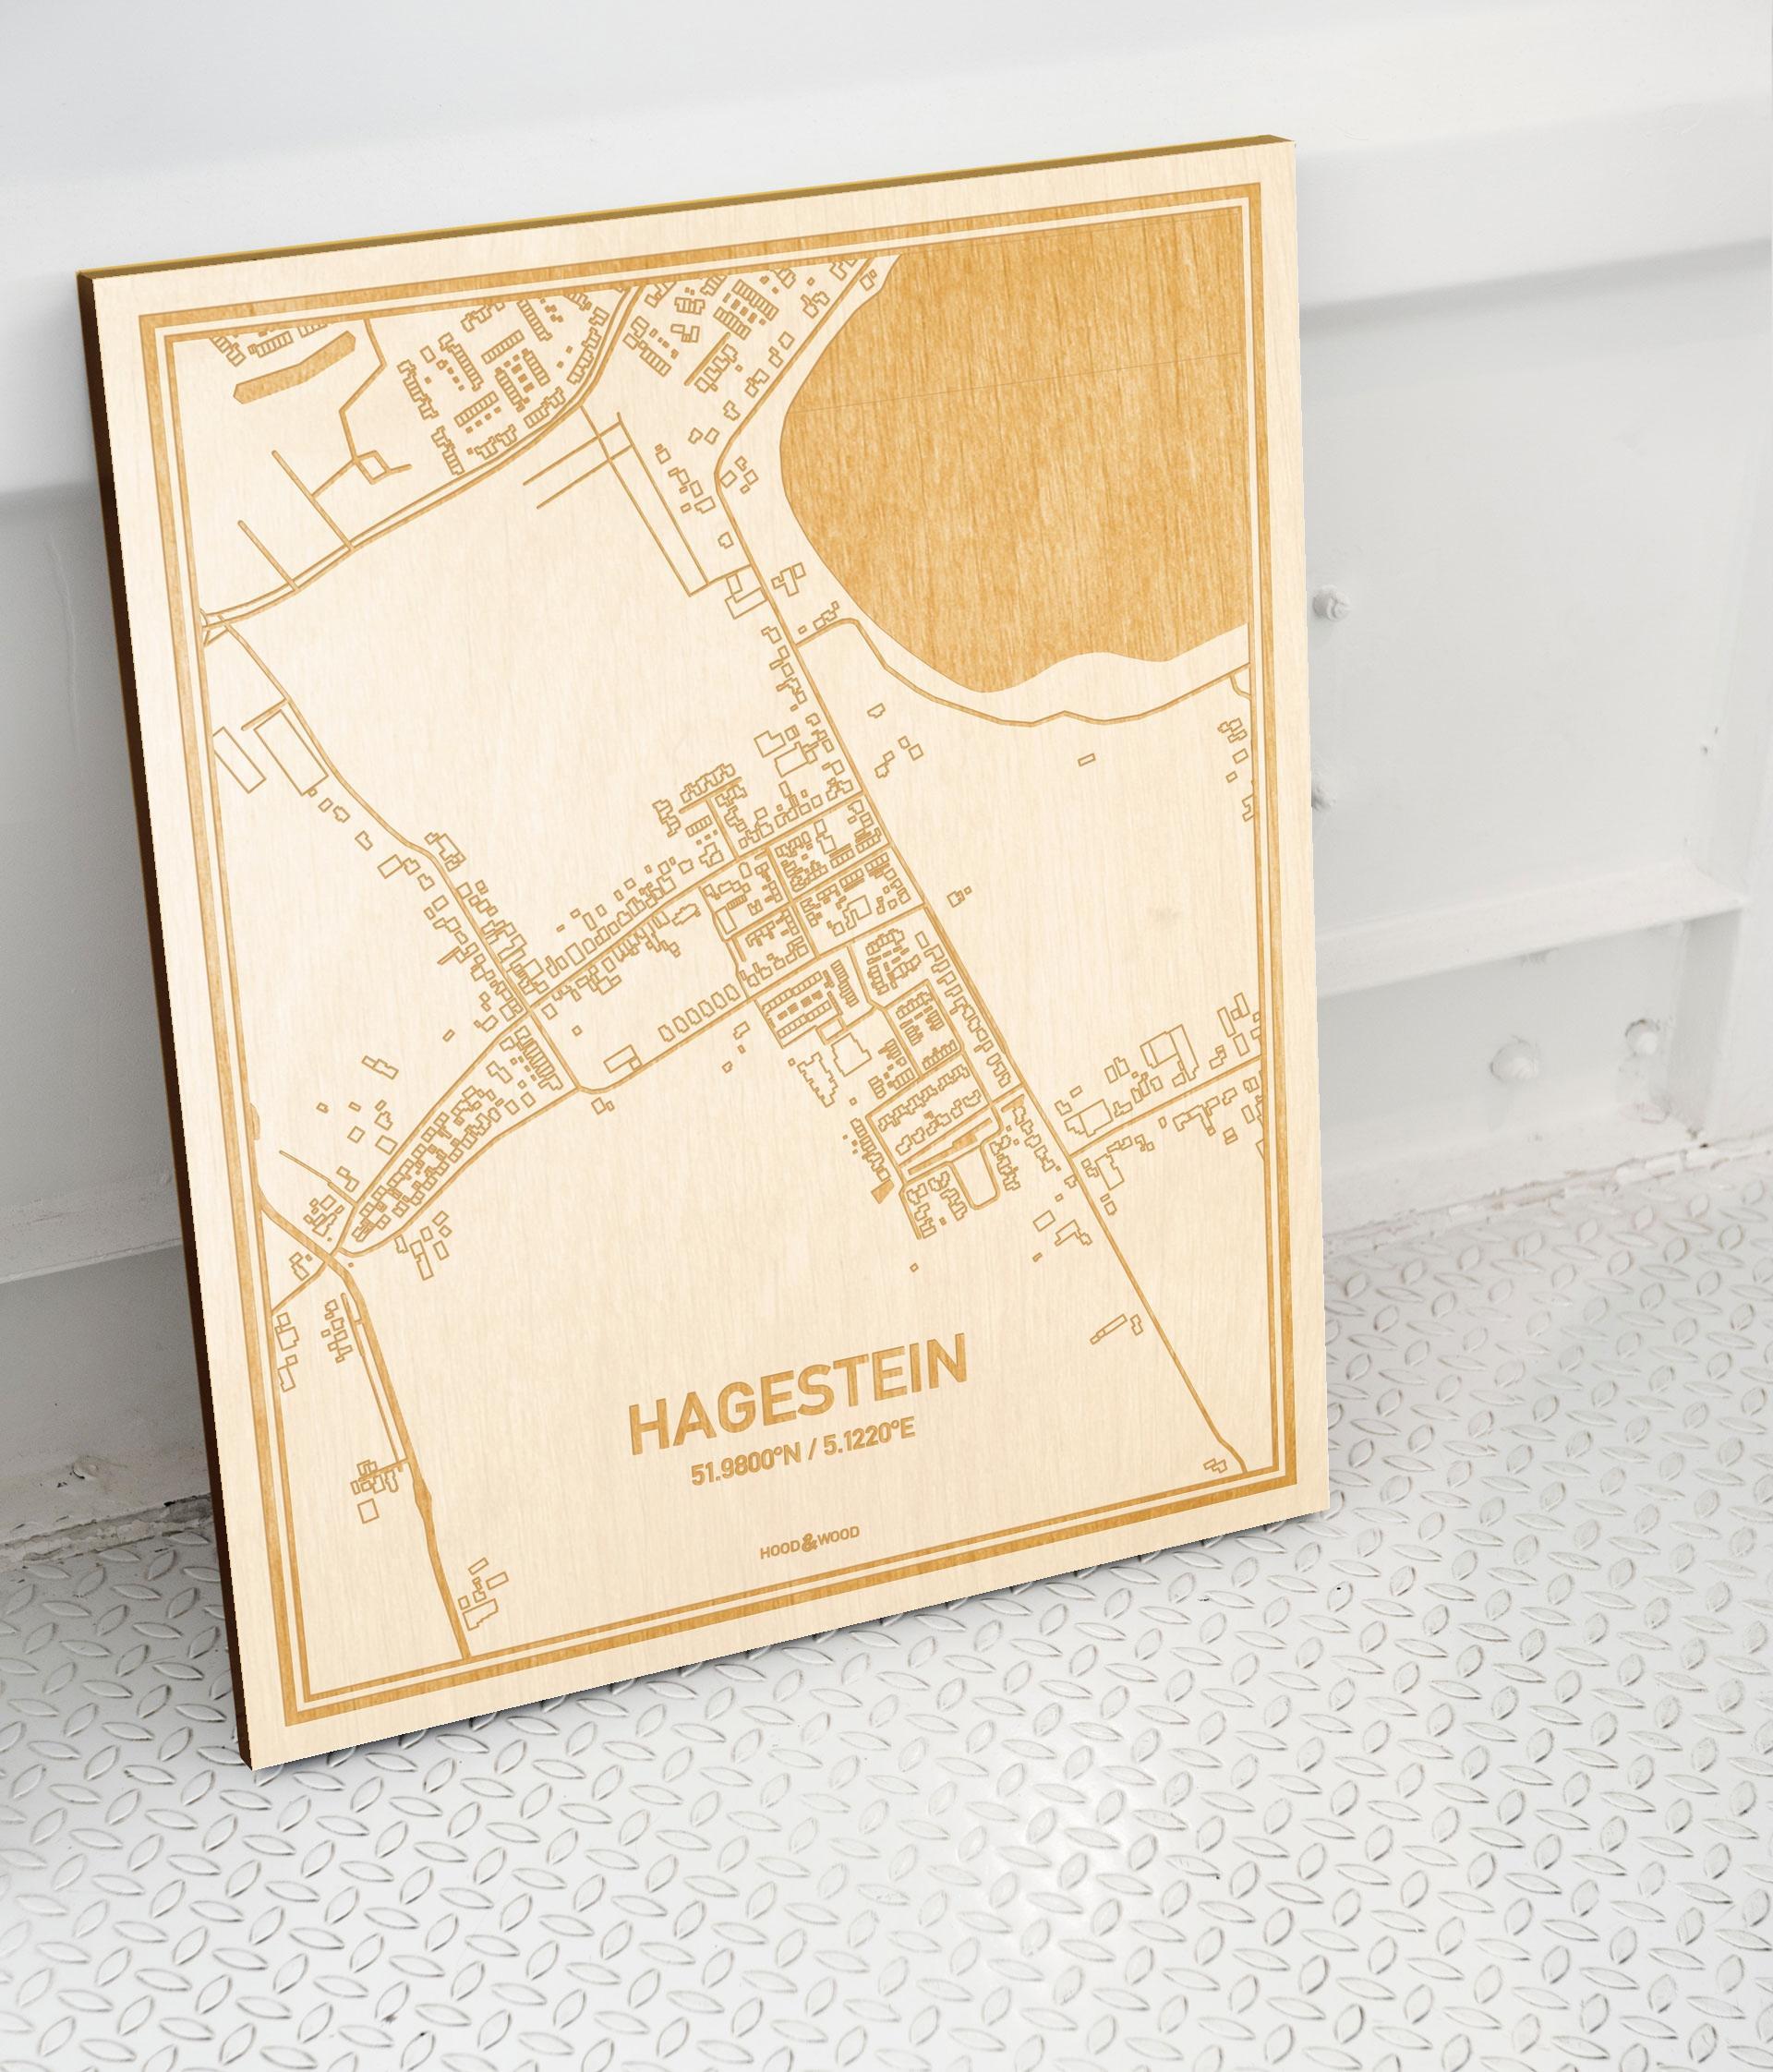 Plattegrond Hagestein als prachtige houten wanddecoratie. Het warme hout contrasteert mooi met de witte muur.